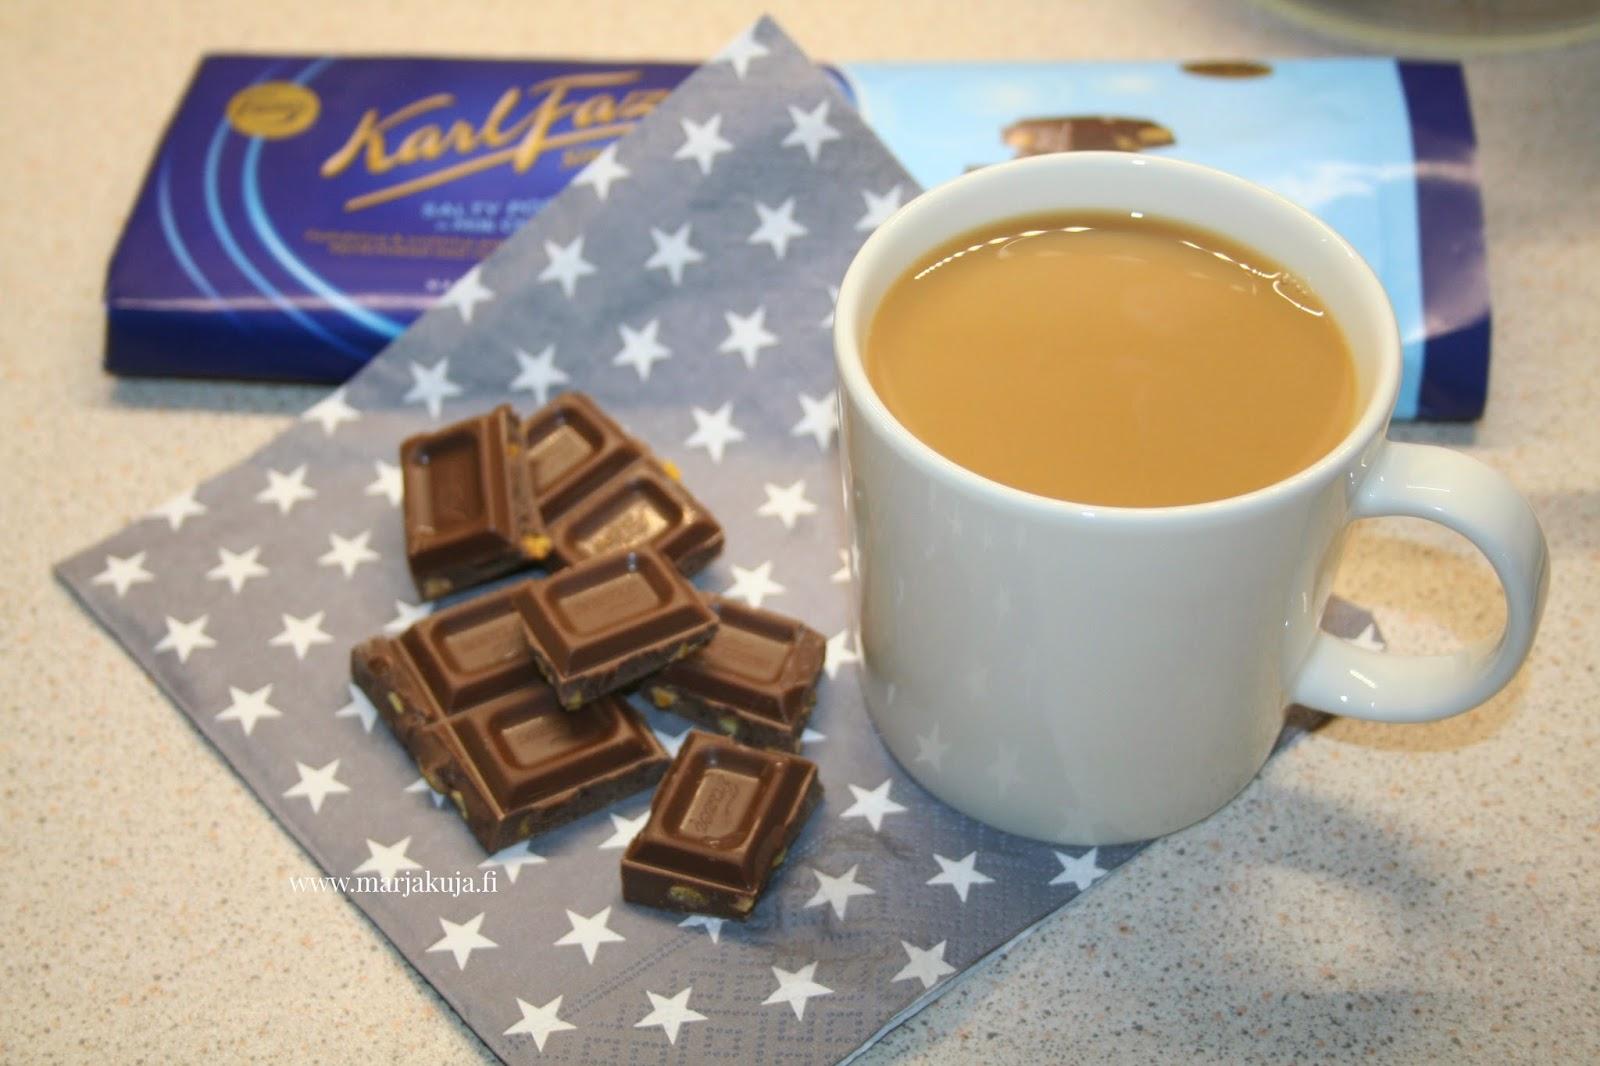 fazer sininen suklaa kahvin kanssa